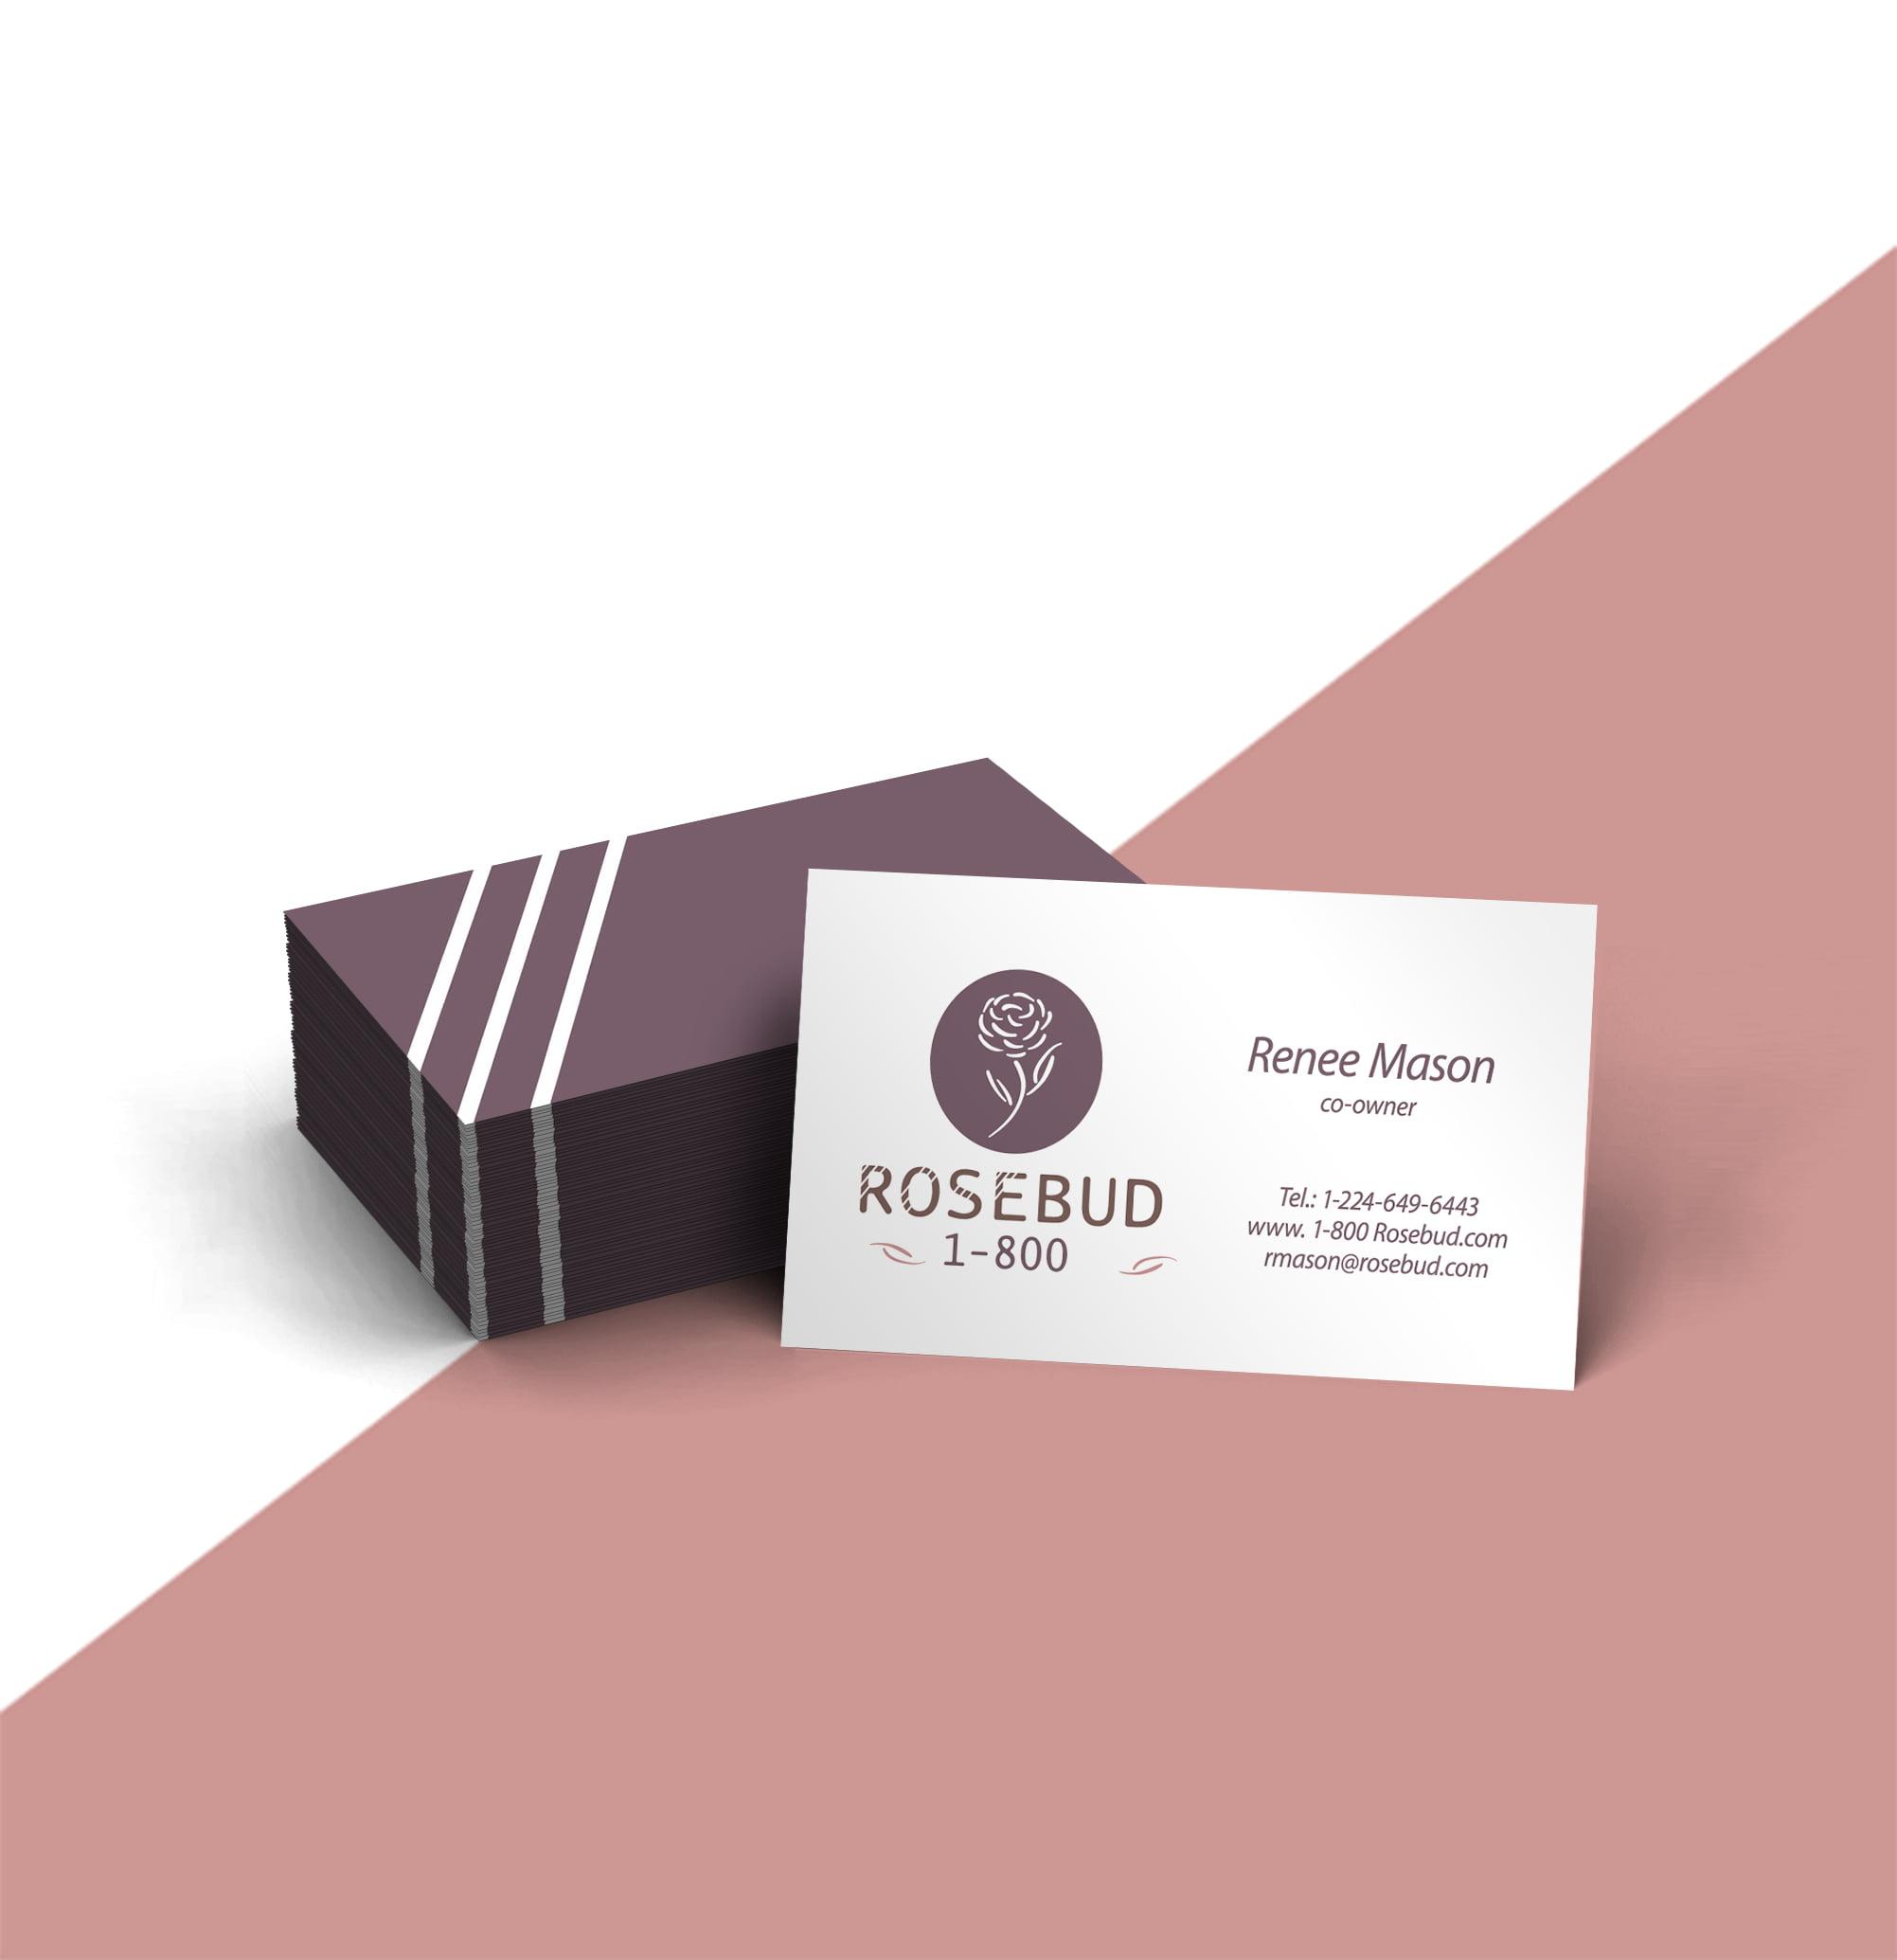 Rosebud-Visitenkarten